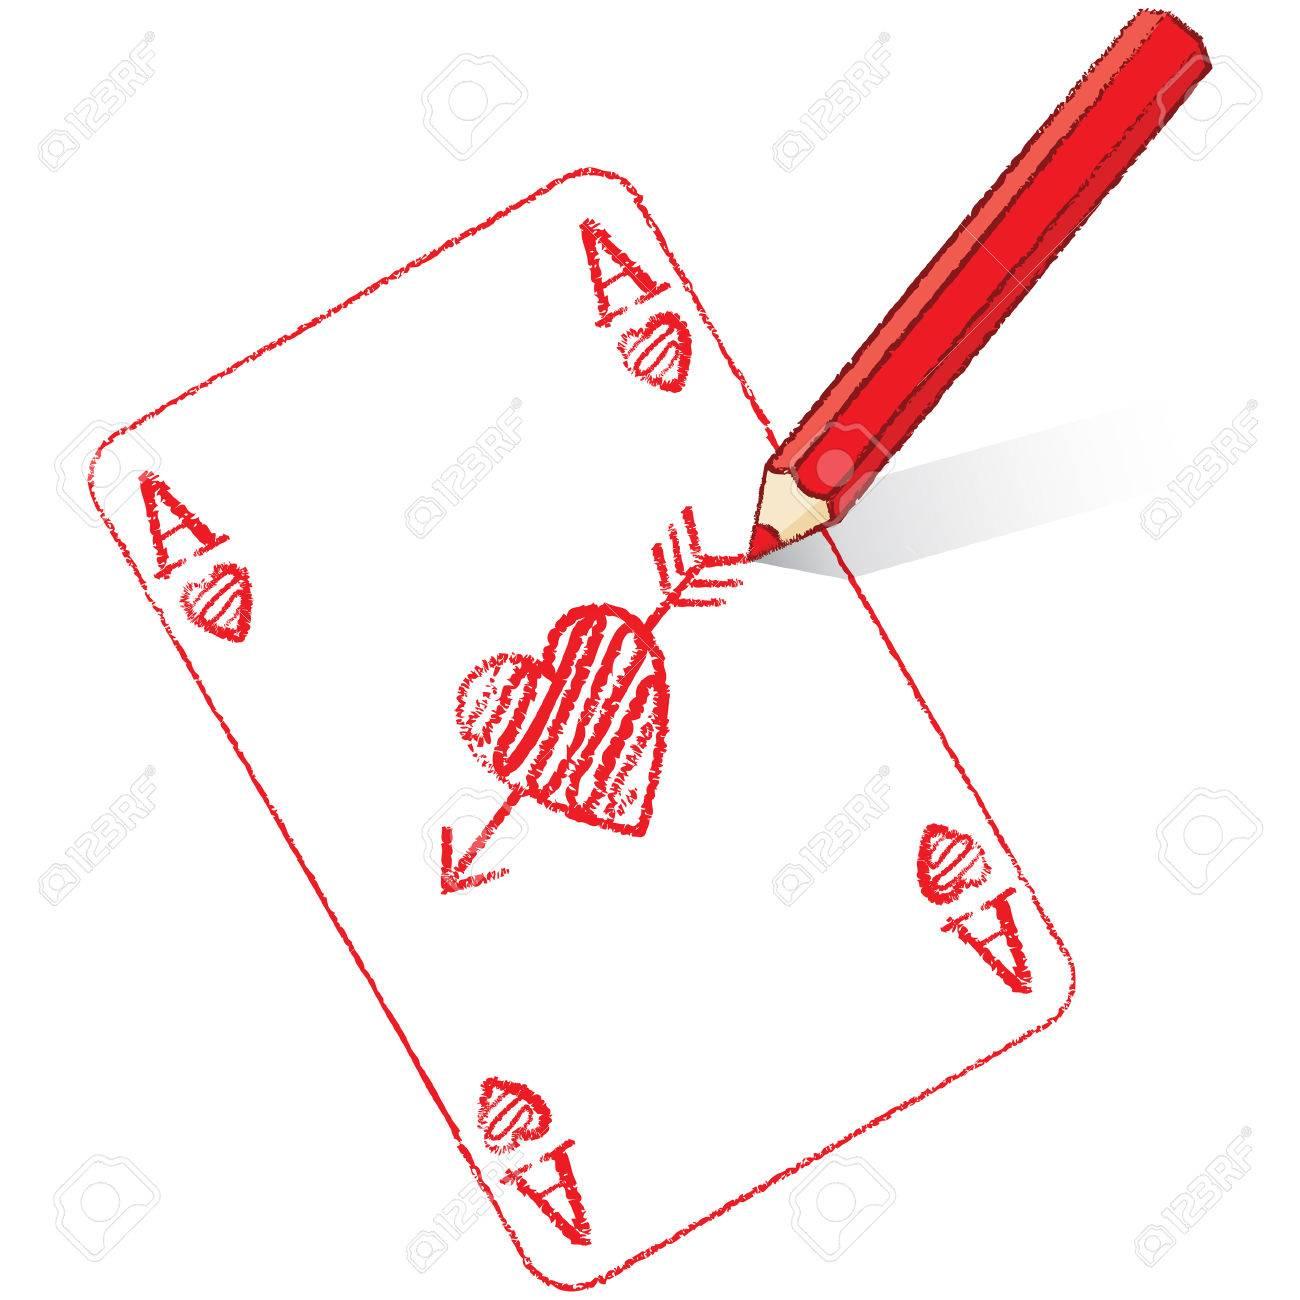 jeu de carte dessin Dessin Au Crayon Rouge Ace Of Hearts Carte De Jeu Avec Les Flèches